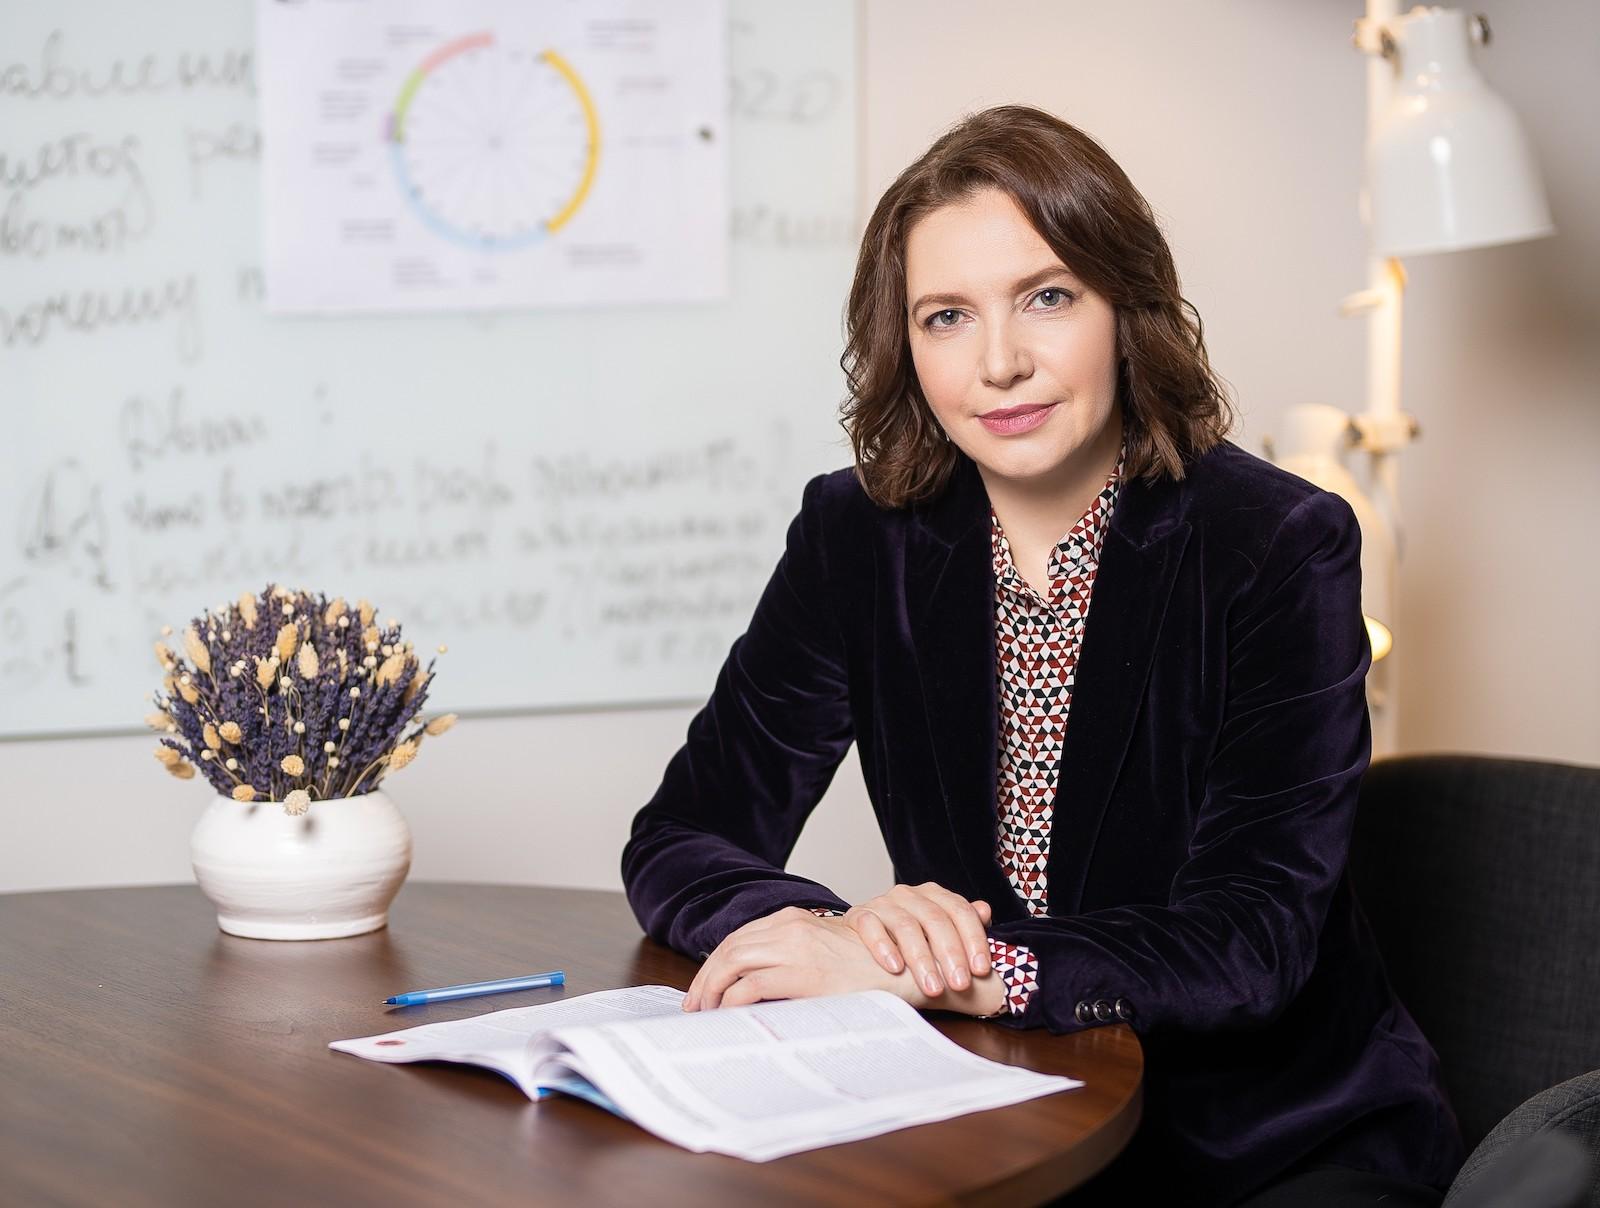 Успешная цифровая трансформация требует комплексного подхода: интервью с Еленой Романовой